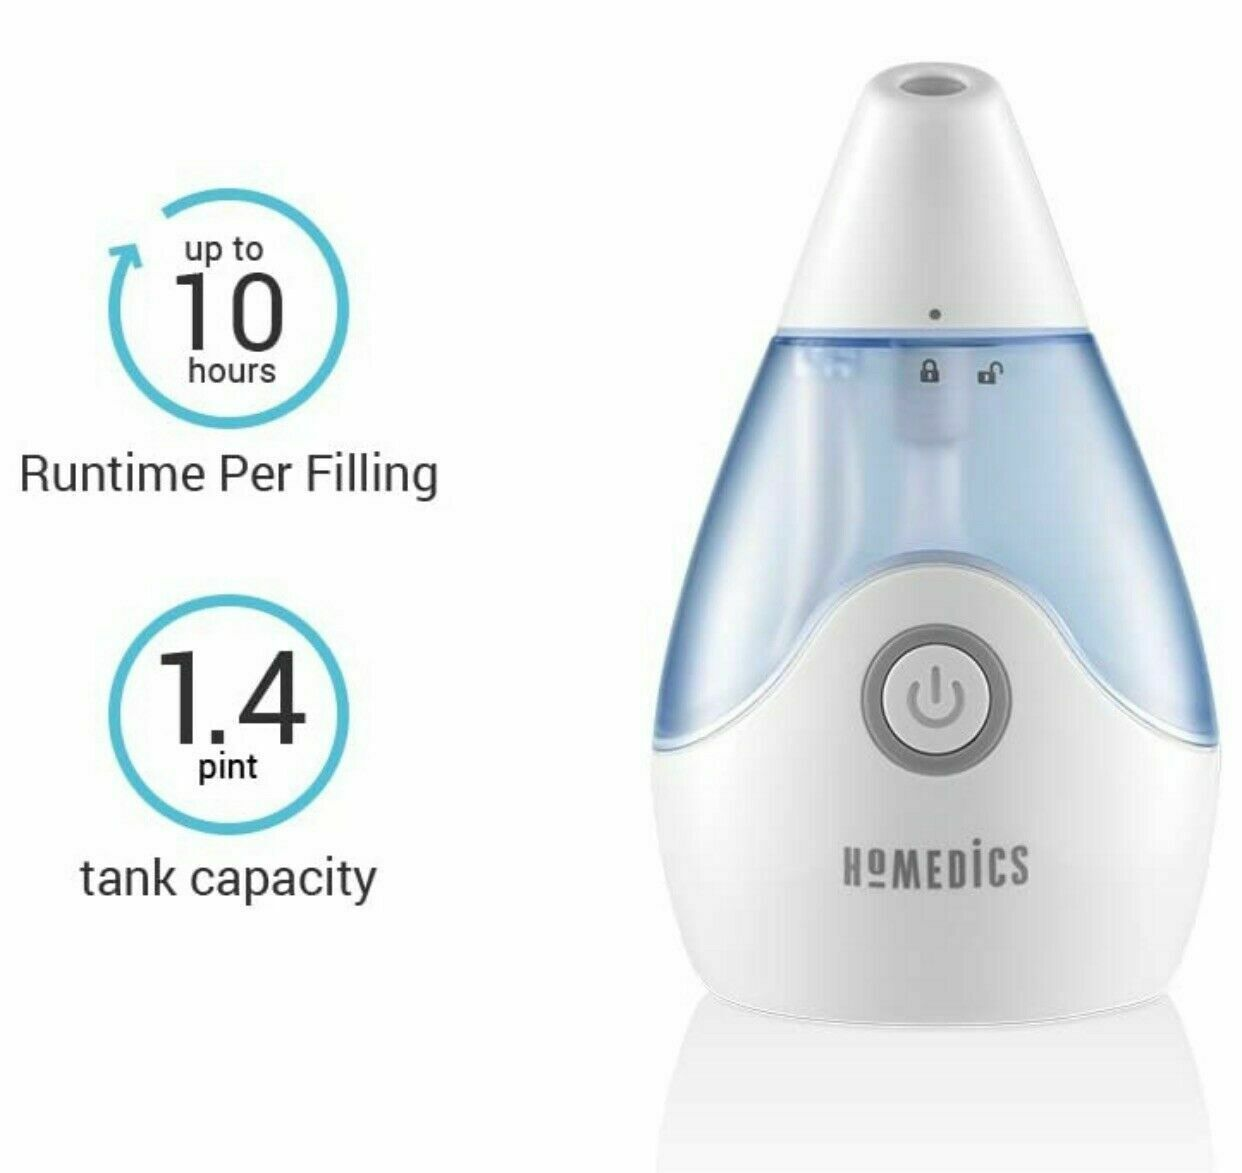 HoMedics Cool Mist Ultrasonic Personal Humidifier UHE CM15